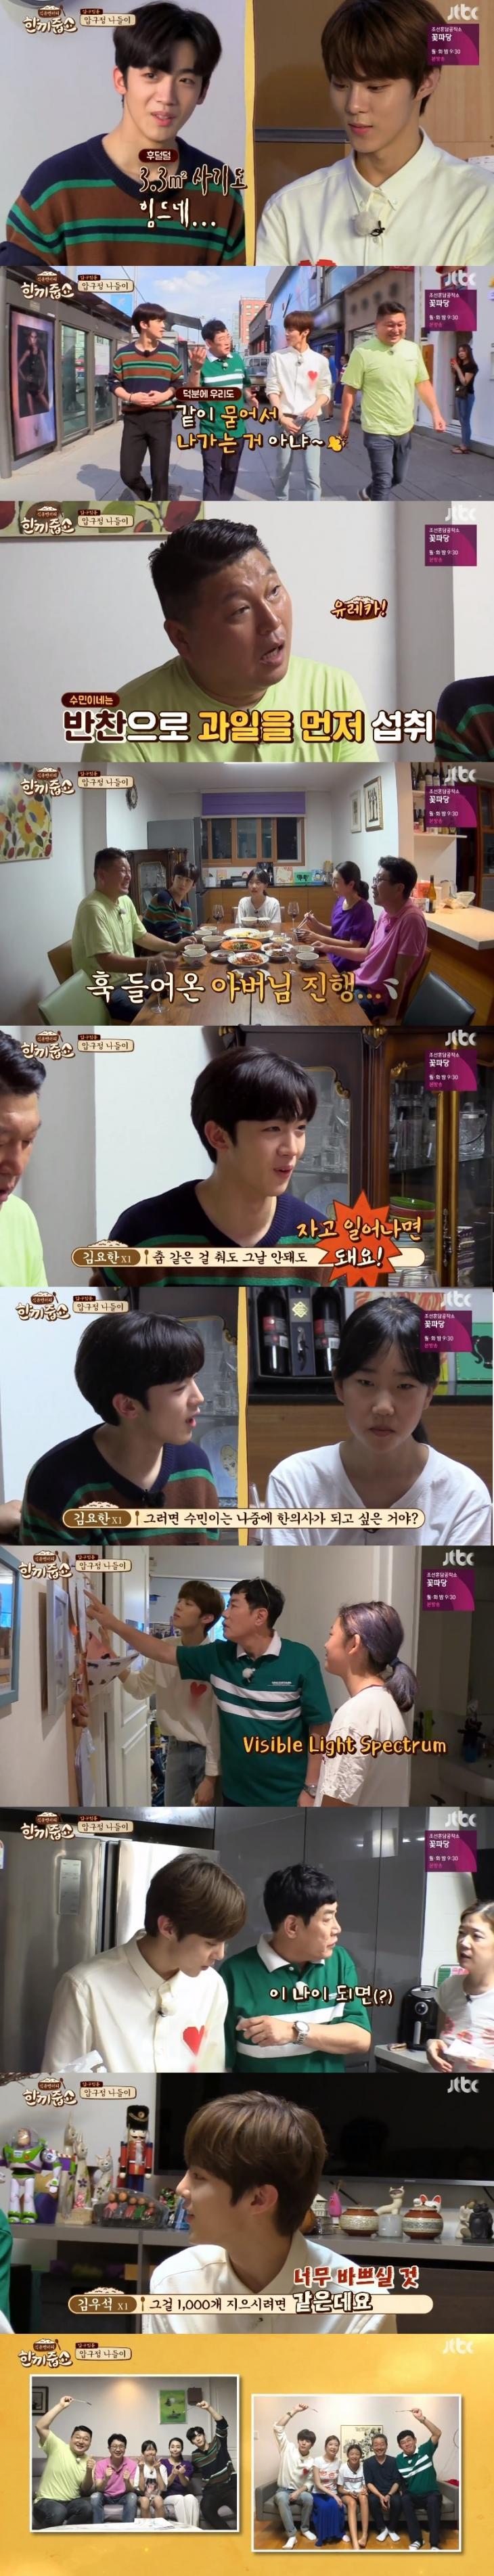 엑스원 김요한 김우석 이경규 강호동 / JTBC '한끼줍쇼' 캡처